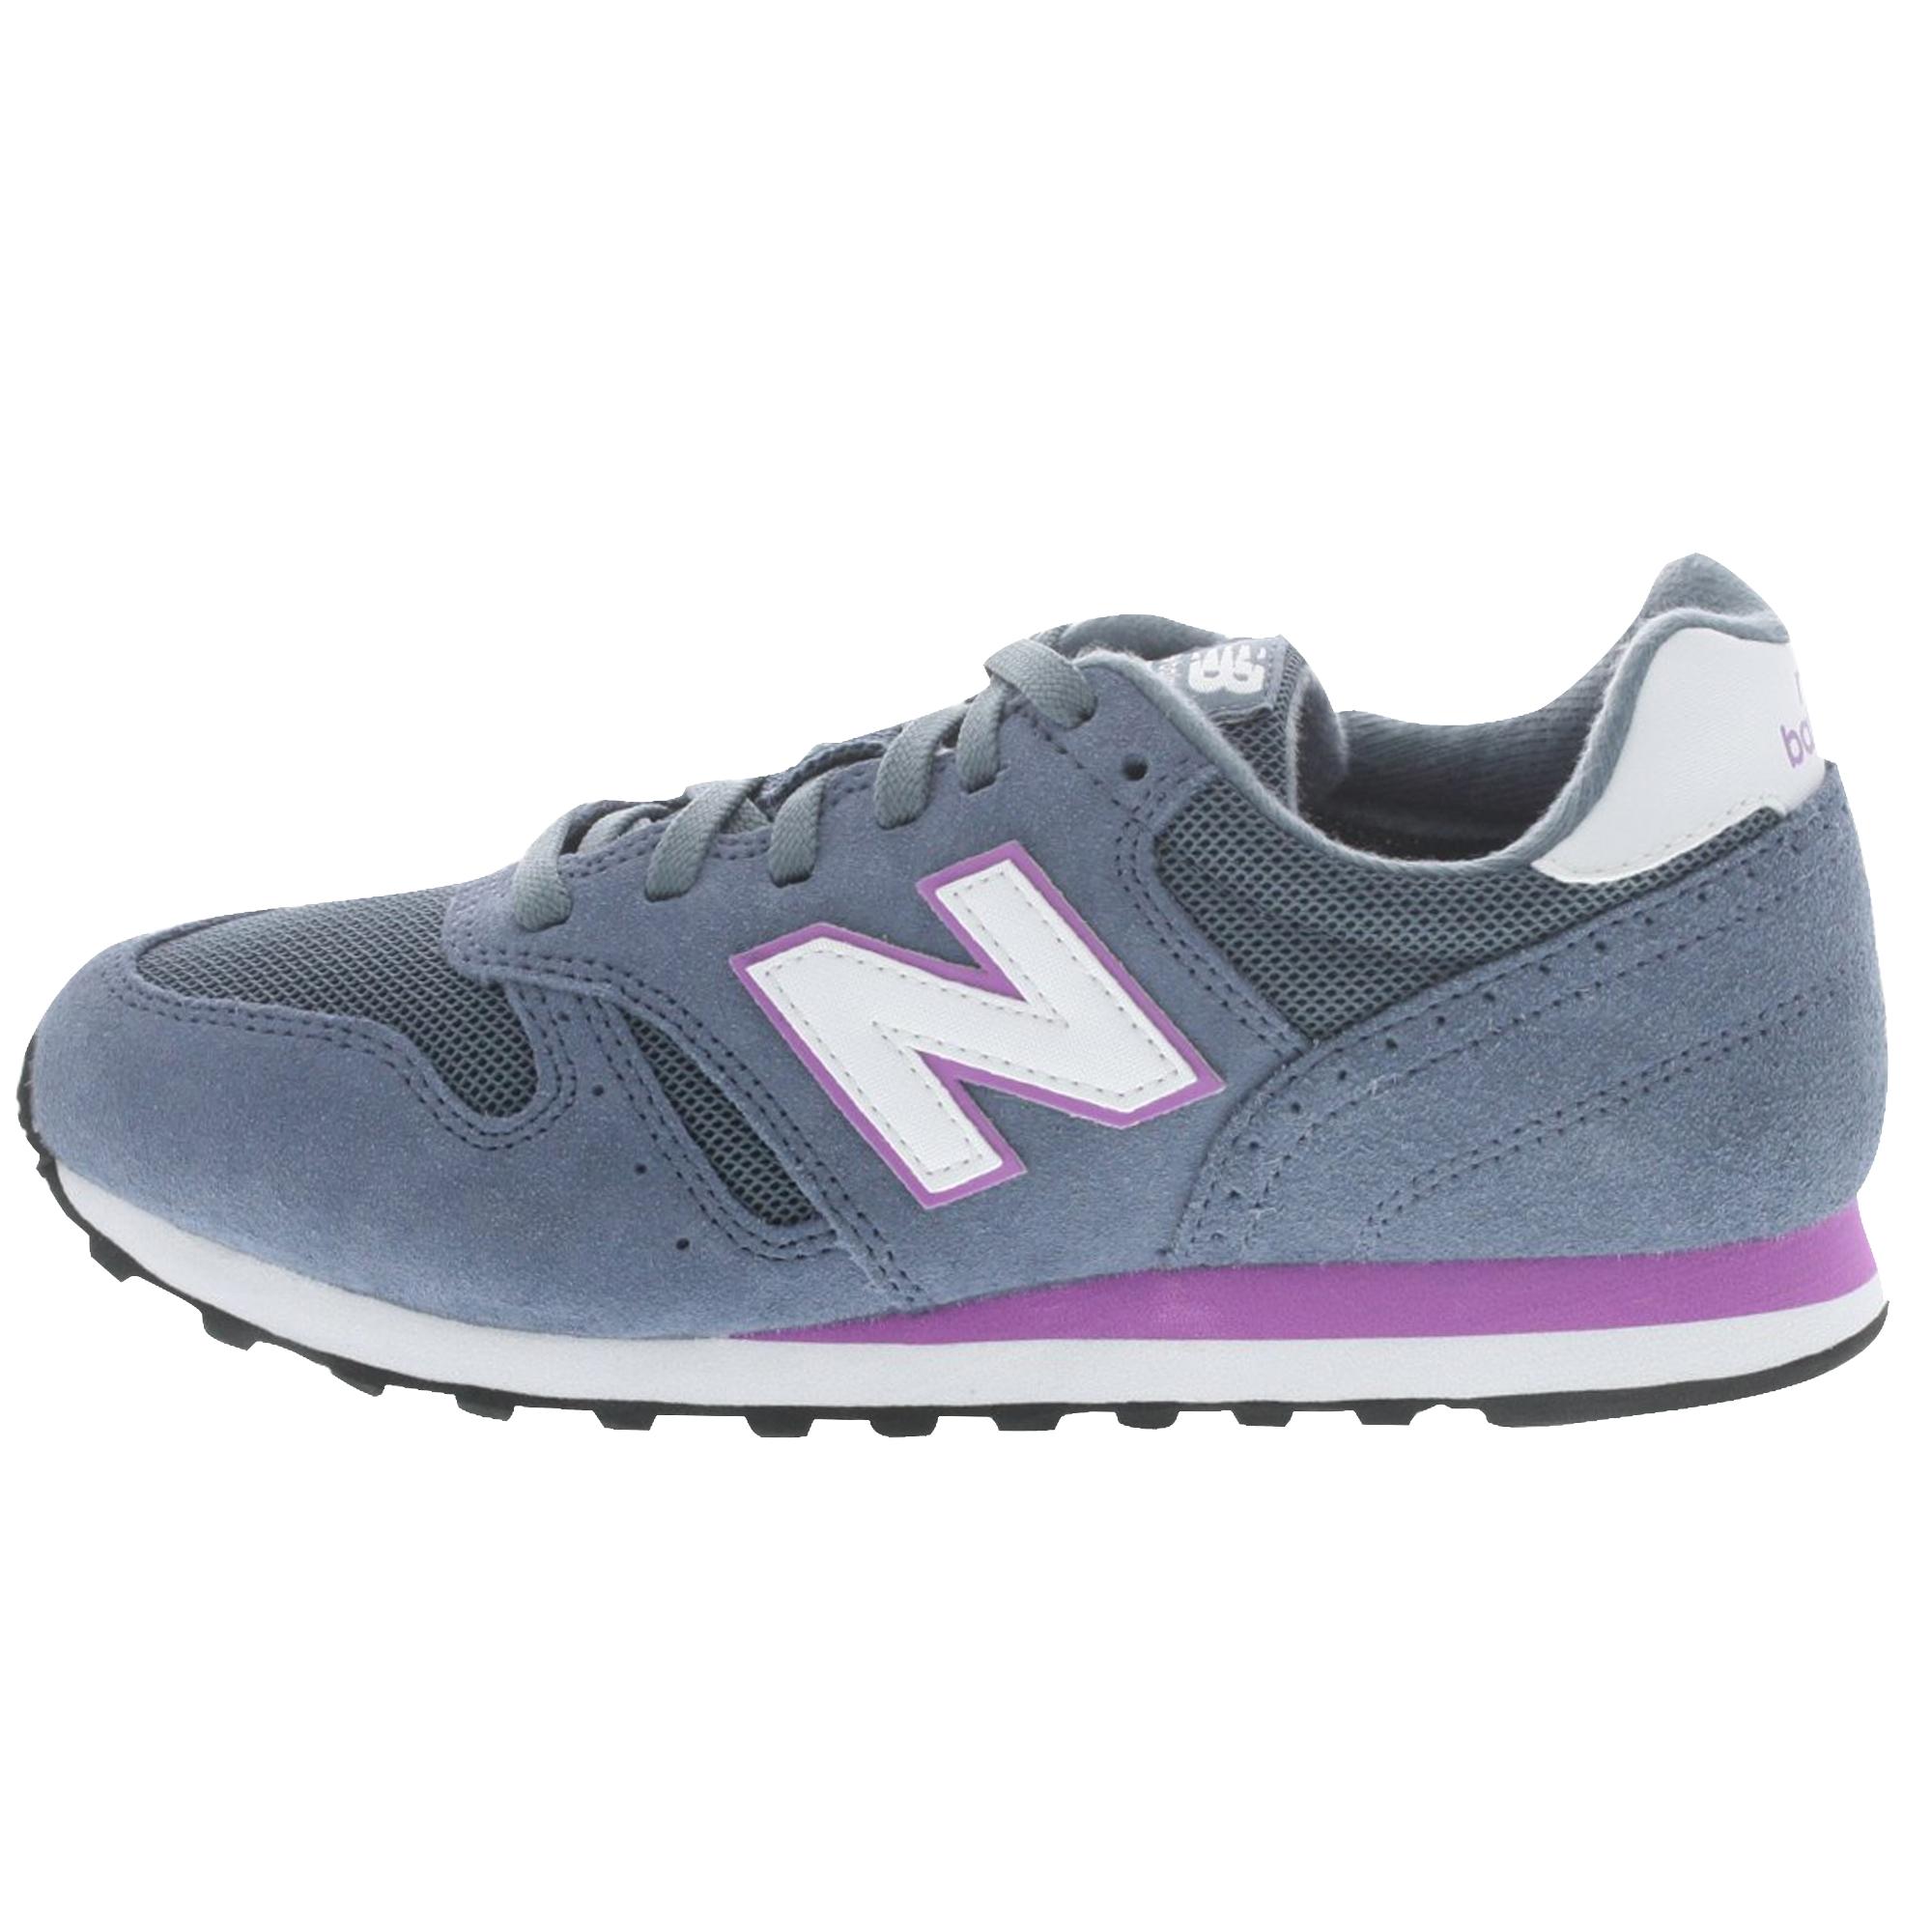 revendeur 5acd4 1ff8b New Balance W373 Bayan Spor Ayakkabı